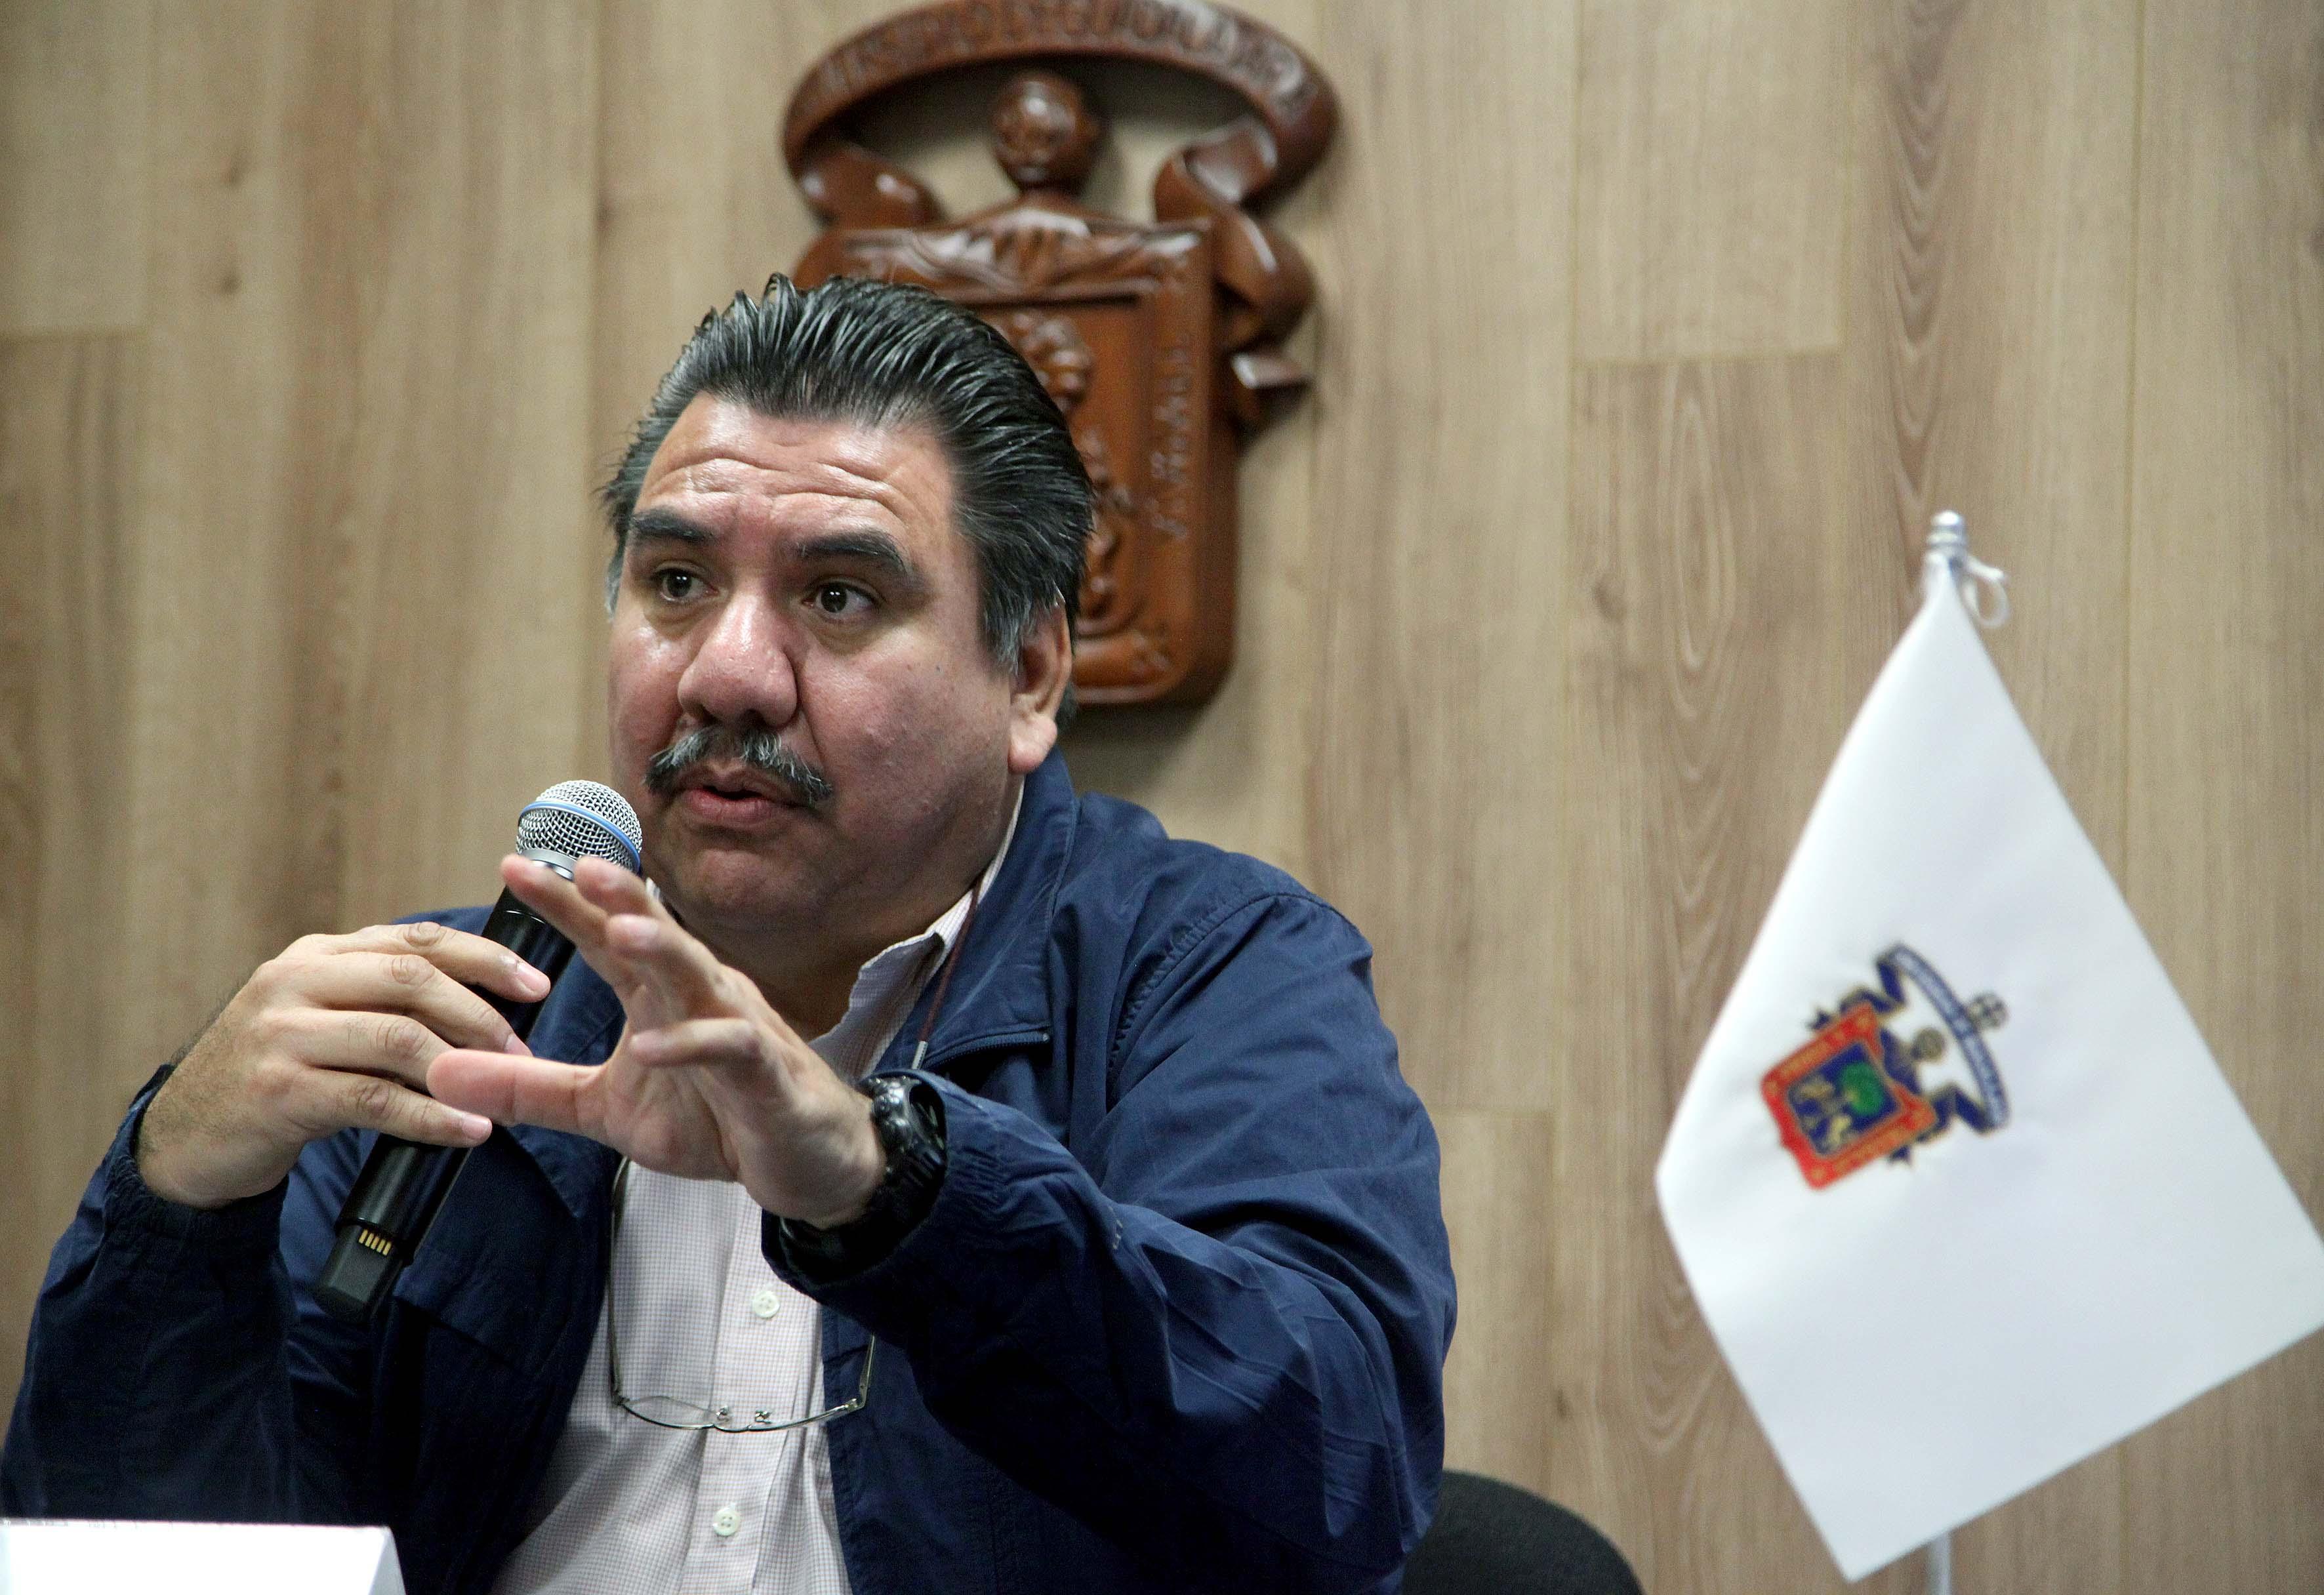 Hombre hablando por micrófono expresándose con las manos